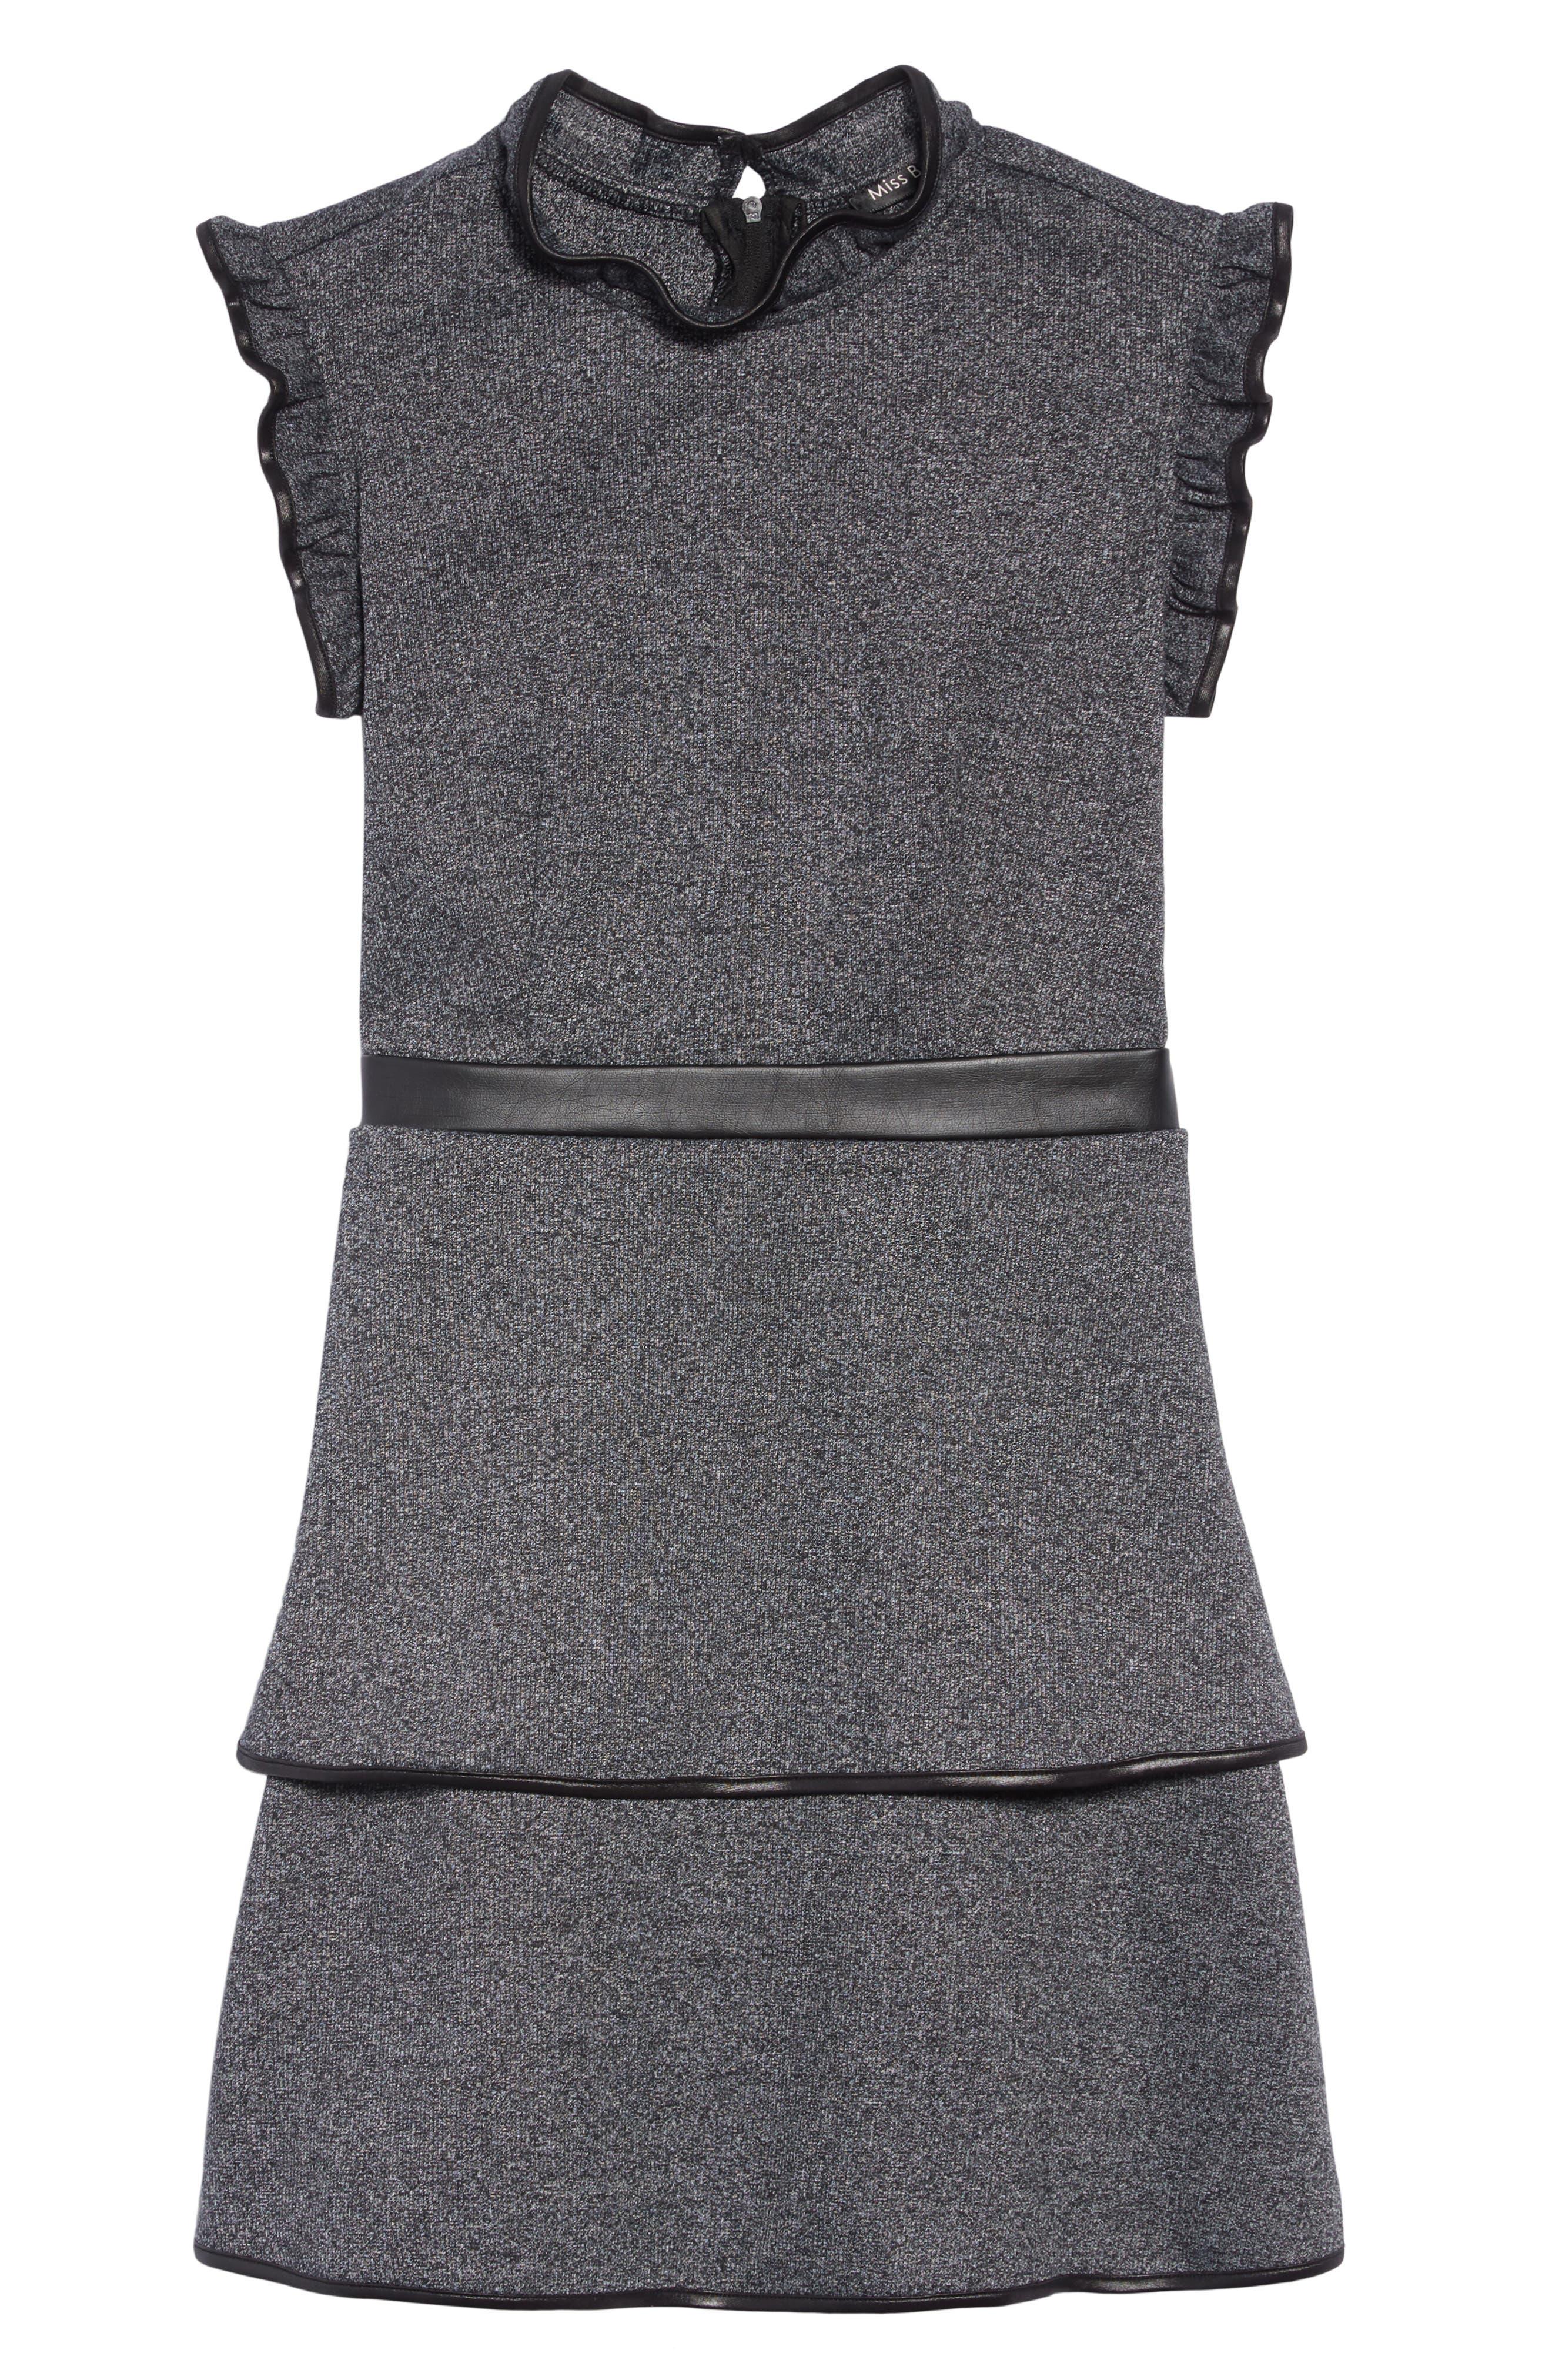 Carol Knit Dress,                             Main thumbnail 1, color,                             001